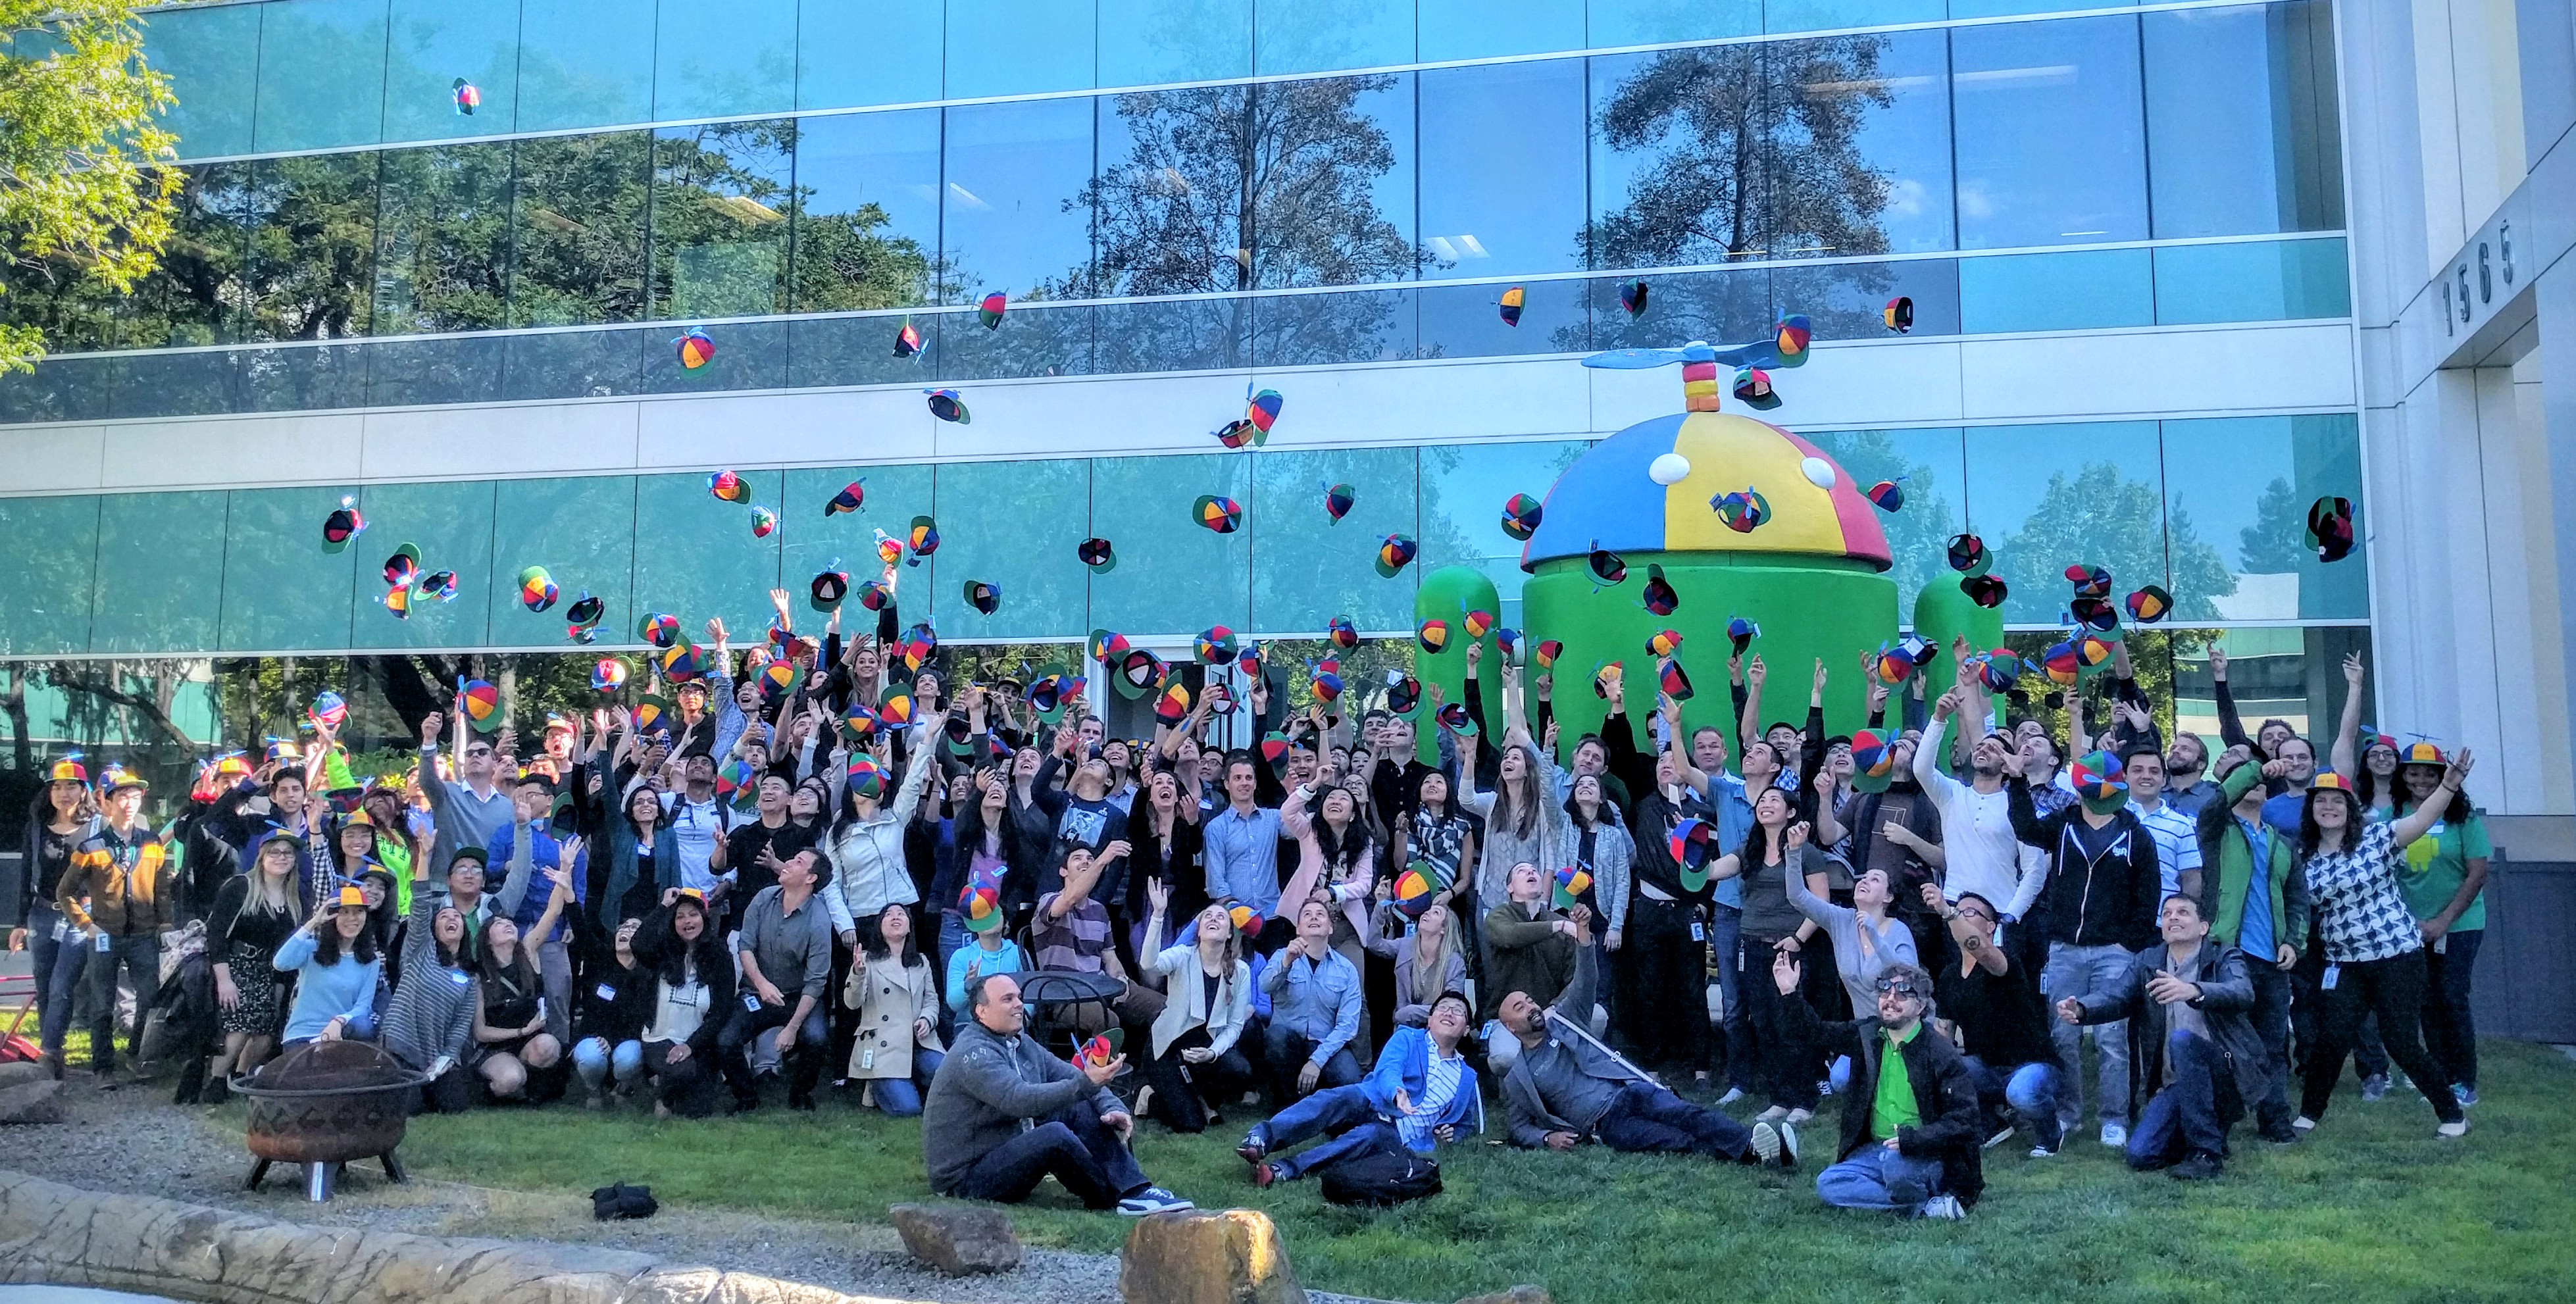 Tuấn cùng các nhân viên mới ở Google sau khi hoàn tất training trước khi vào làm việc chính thức.